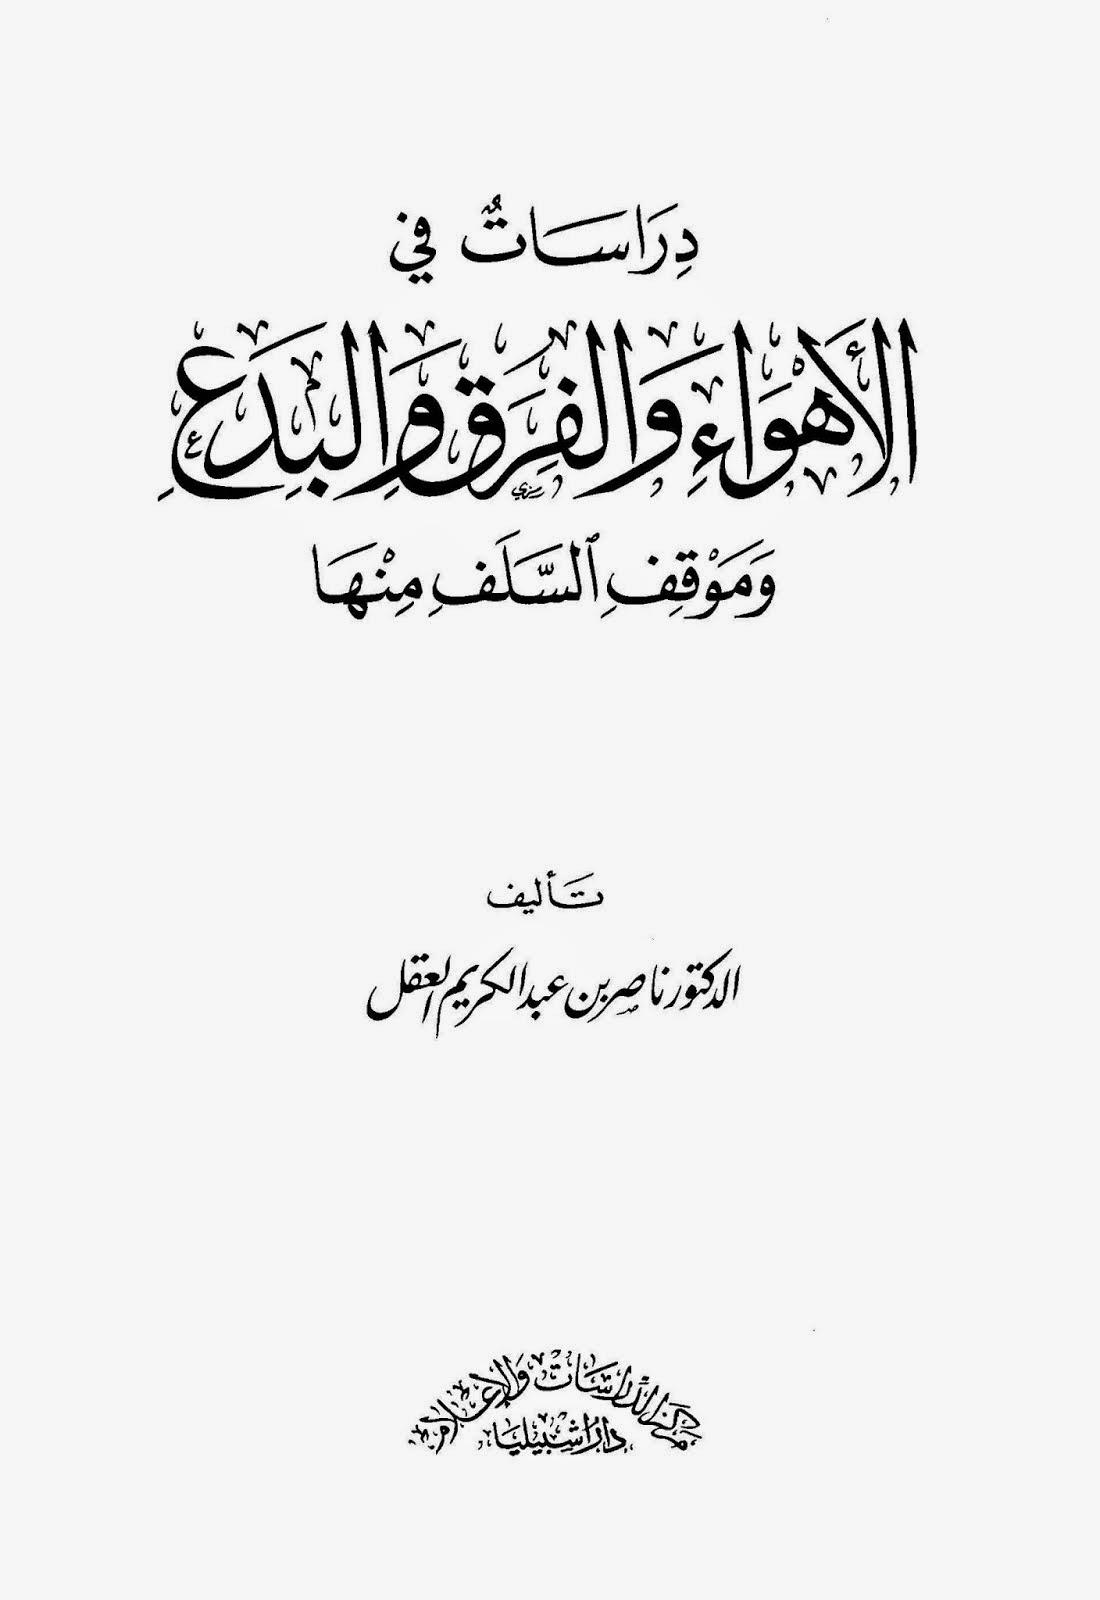 دراسات في الأهواء والفرق والبدع وموقف السلف منها  لـ ناصر بن عبد الكريم العقل